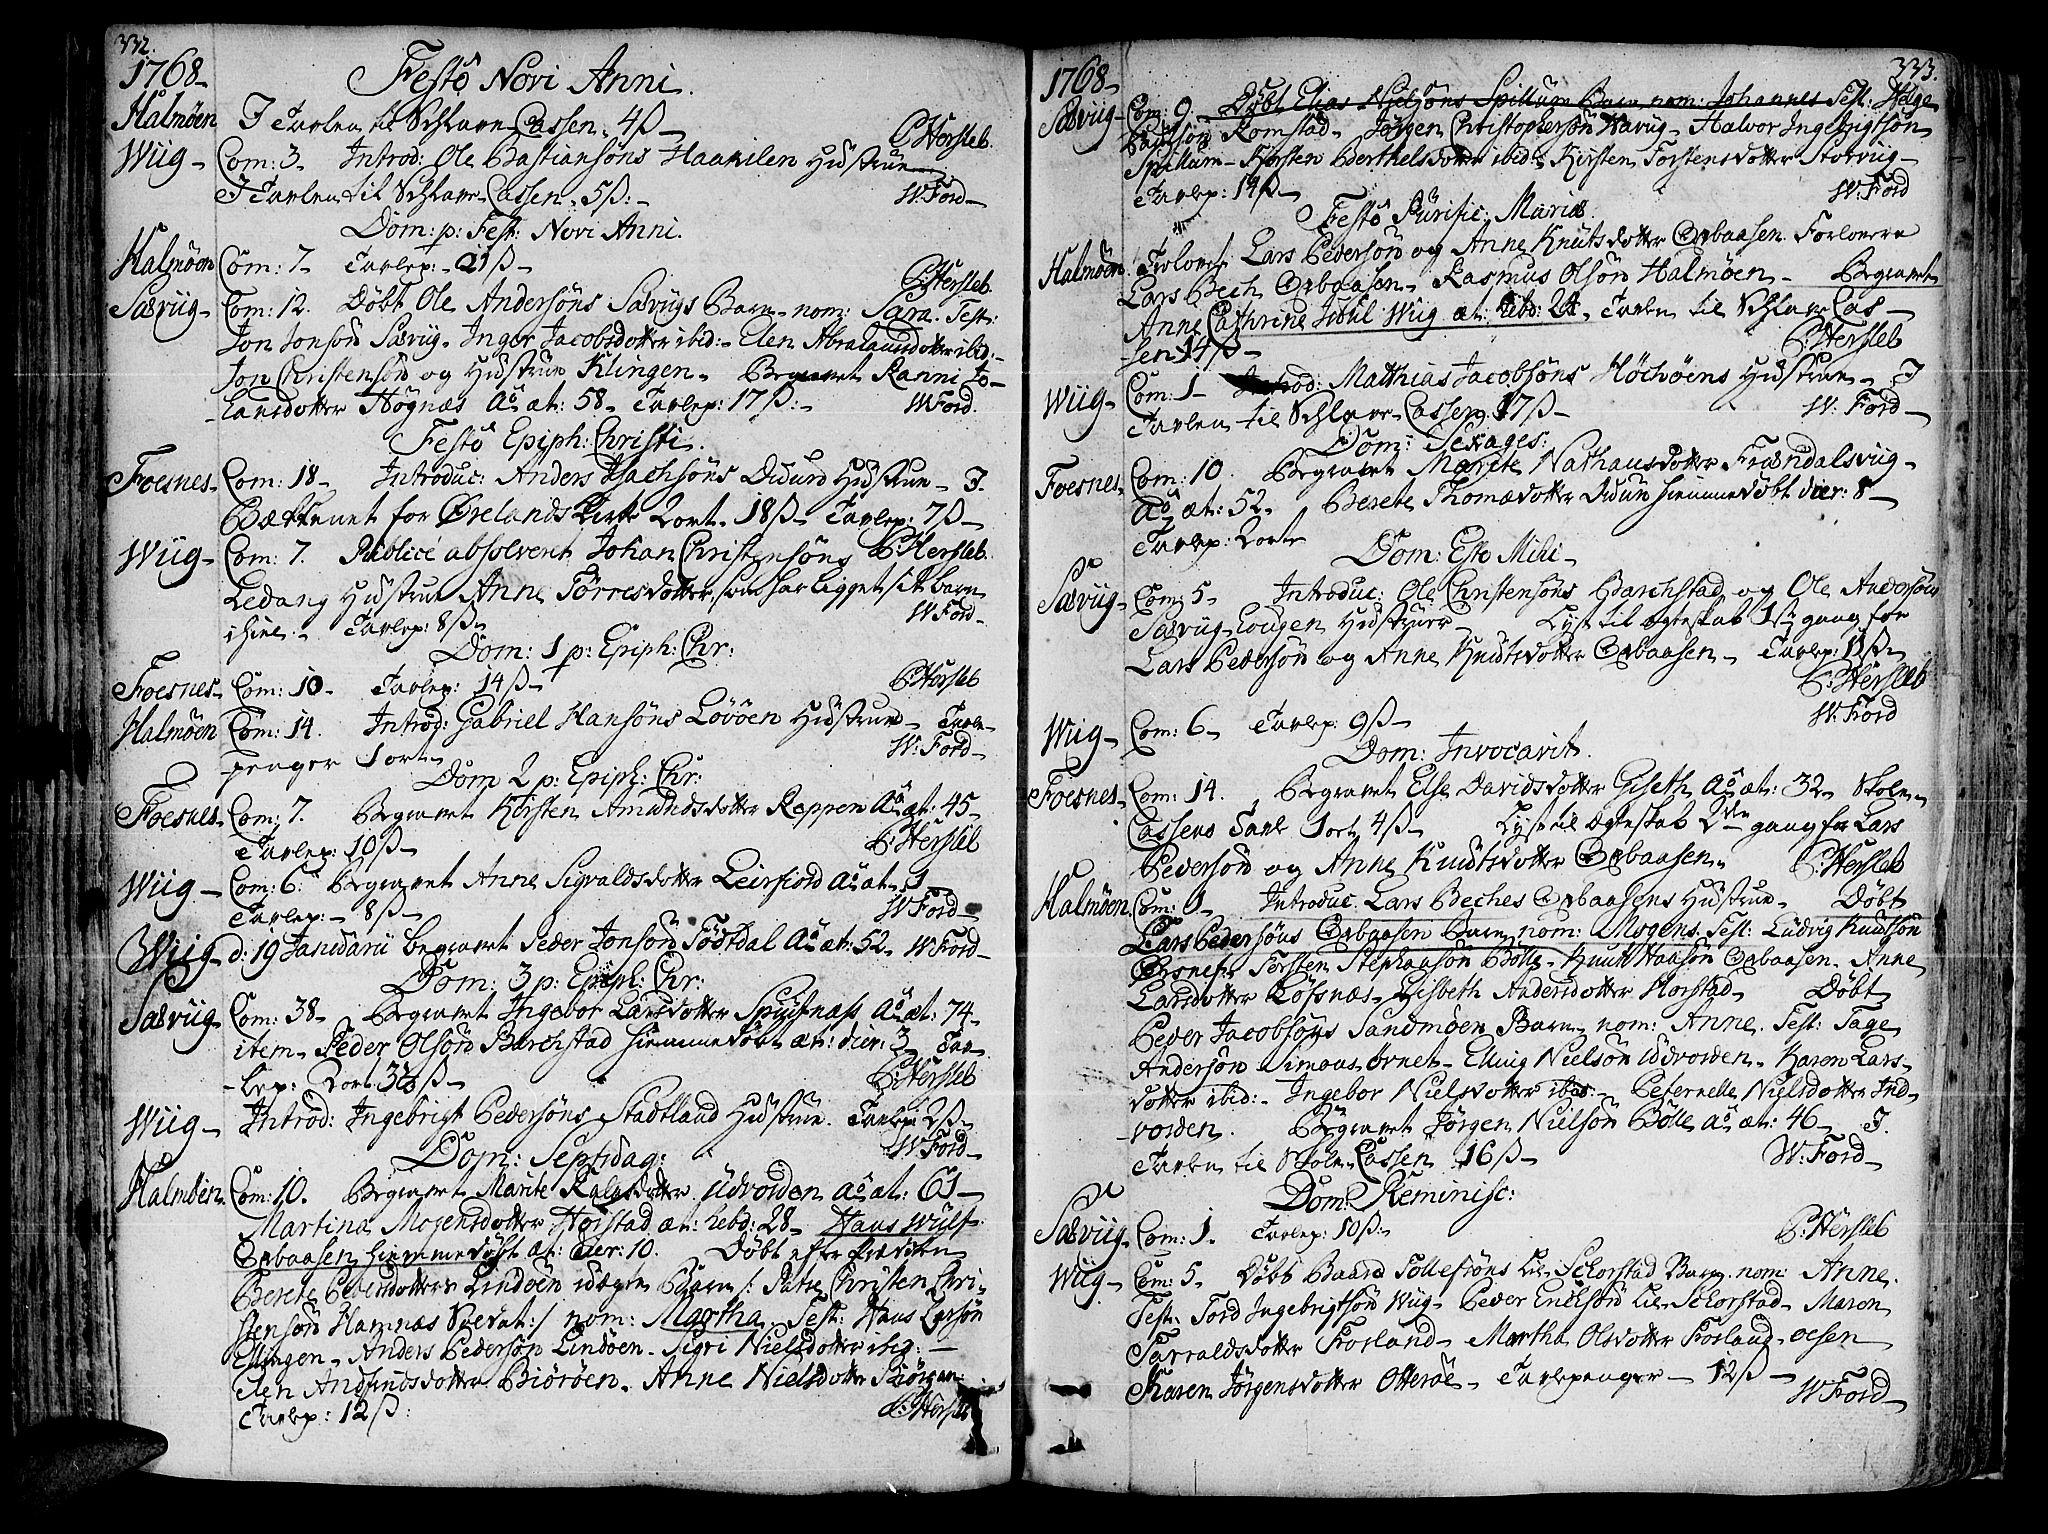 SAT, Ministerialprotokoller, klokkerbøker og fødselsregistre - Nord-Trøndelag, 773/L0607: Ministerialbok nr. 773A01, 1751-1783, s. 332-333